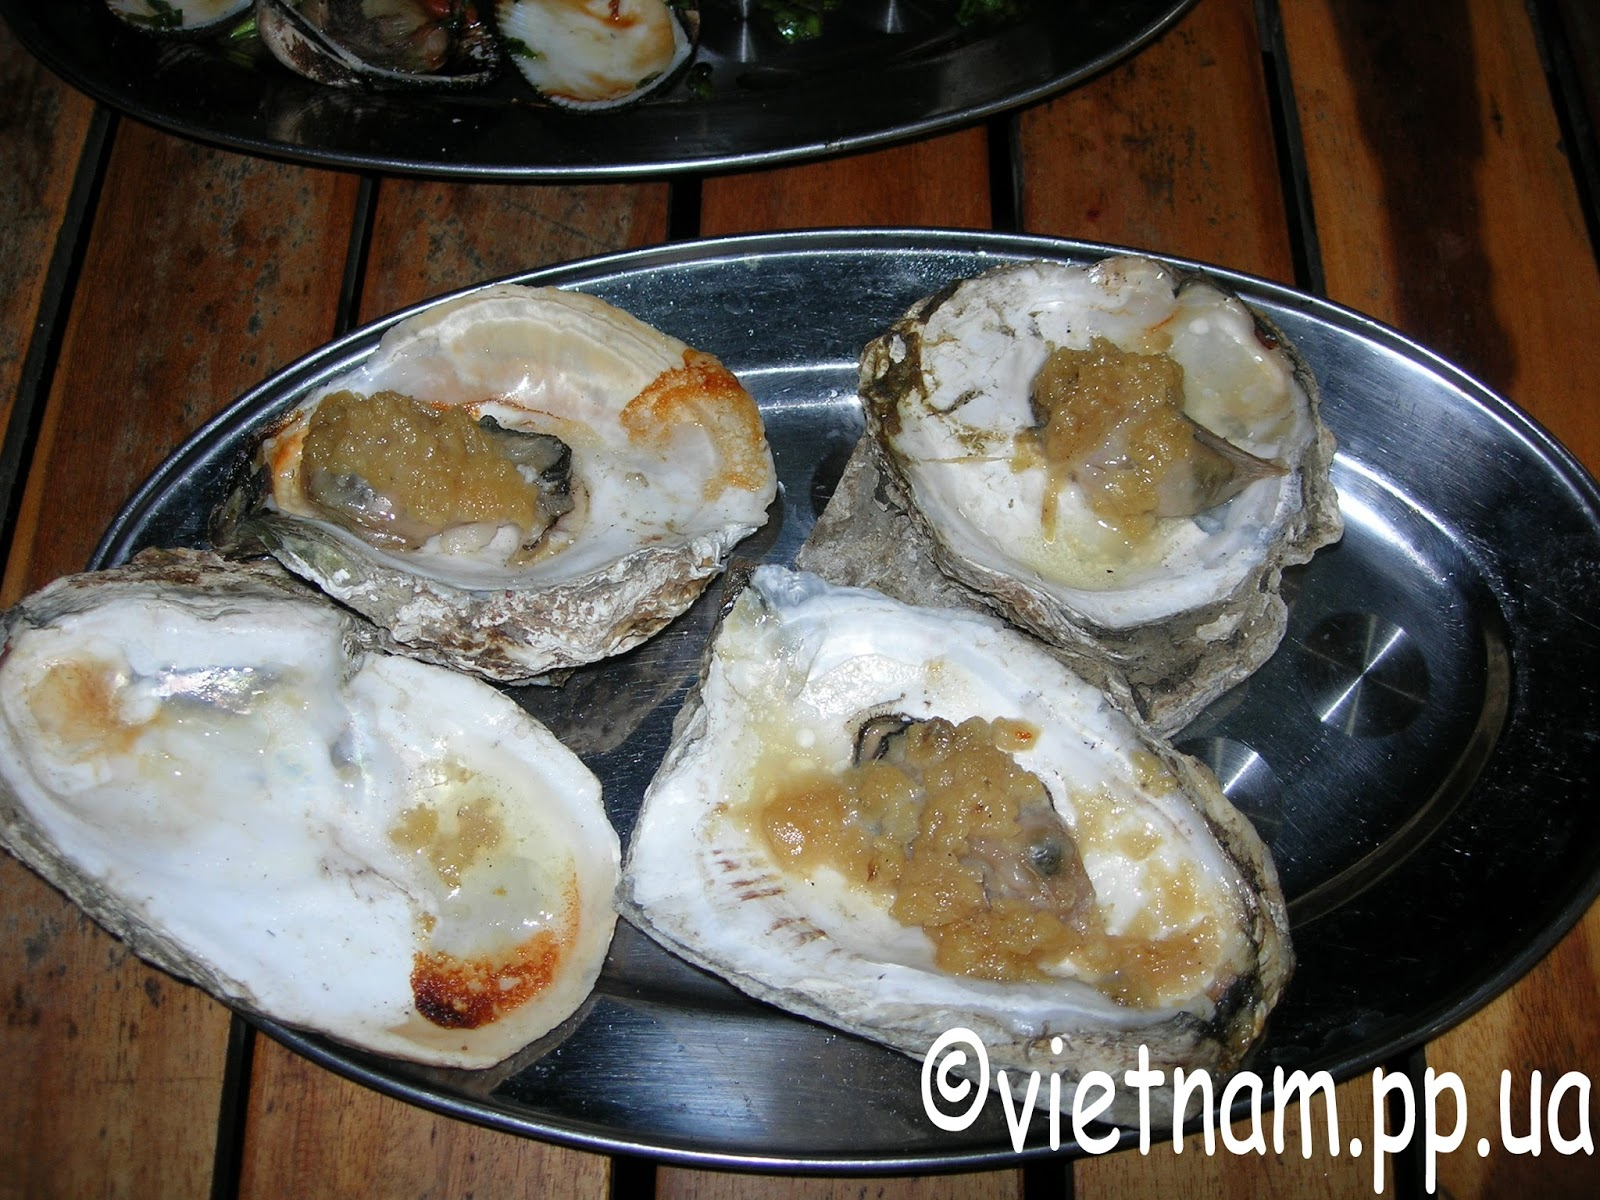 Кухня Вьетнам